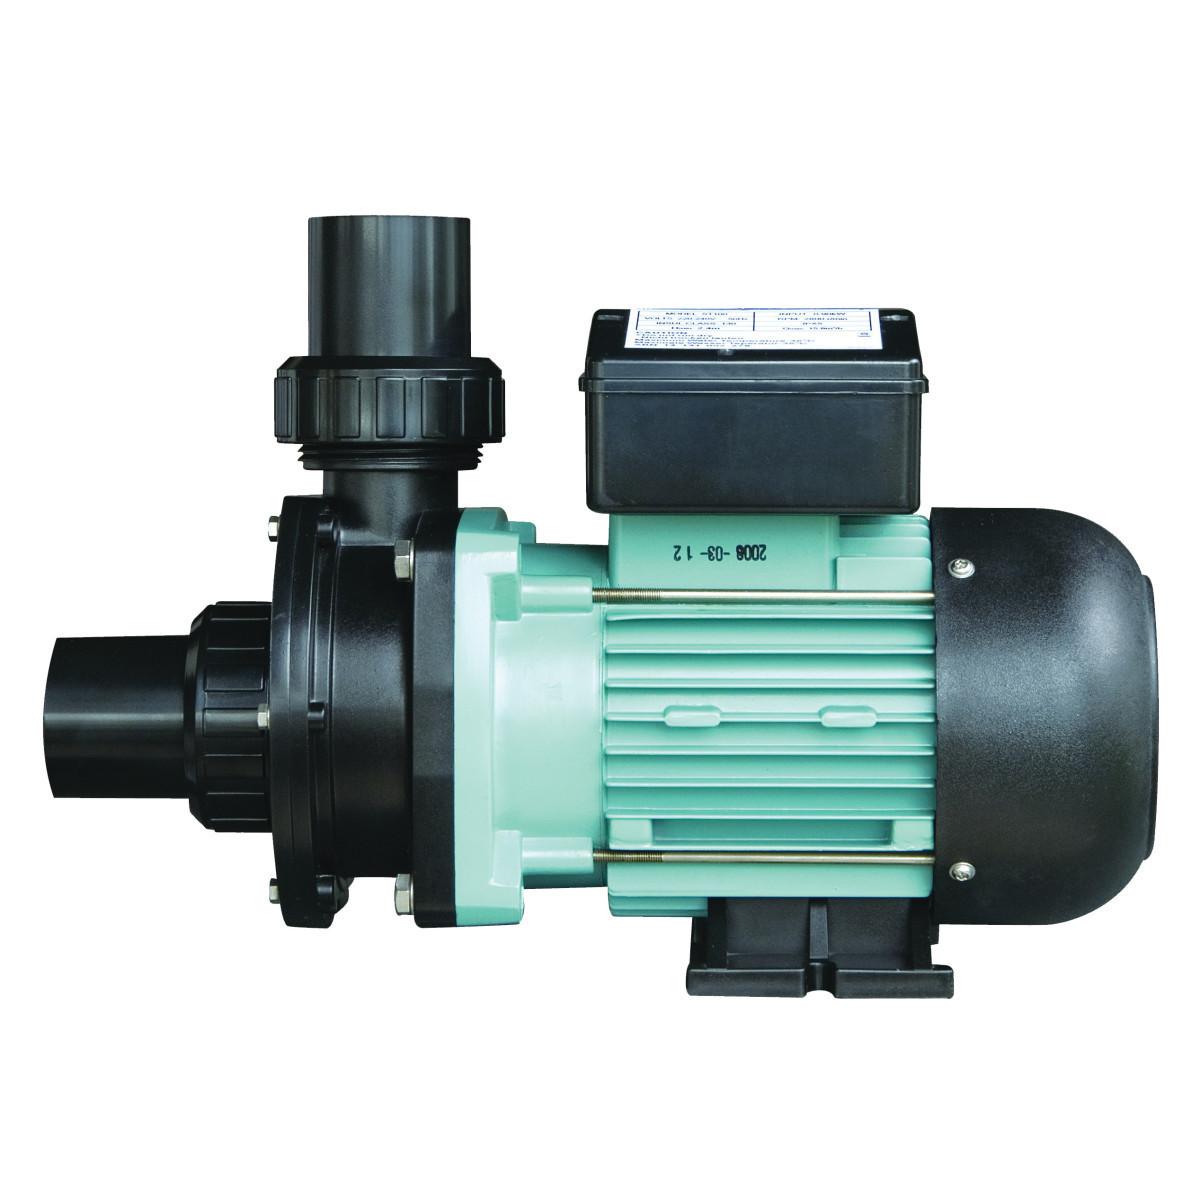 Насос Emaux ST033 (220В, 5.5 м3/час, 0.33НР) (bf), для аттракционов (без префильтра)